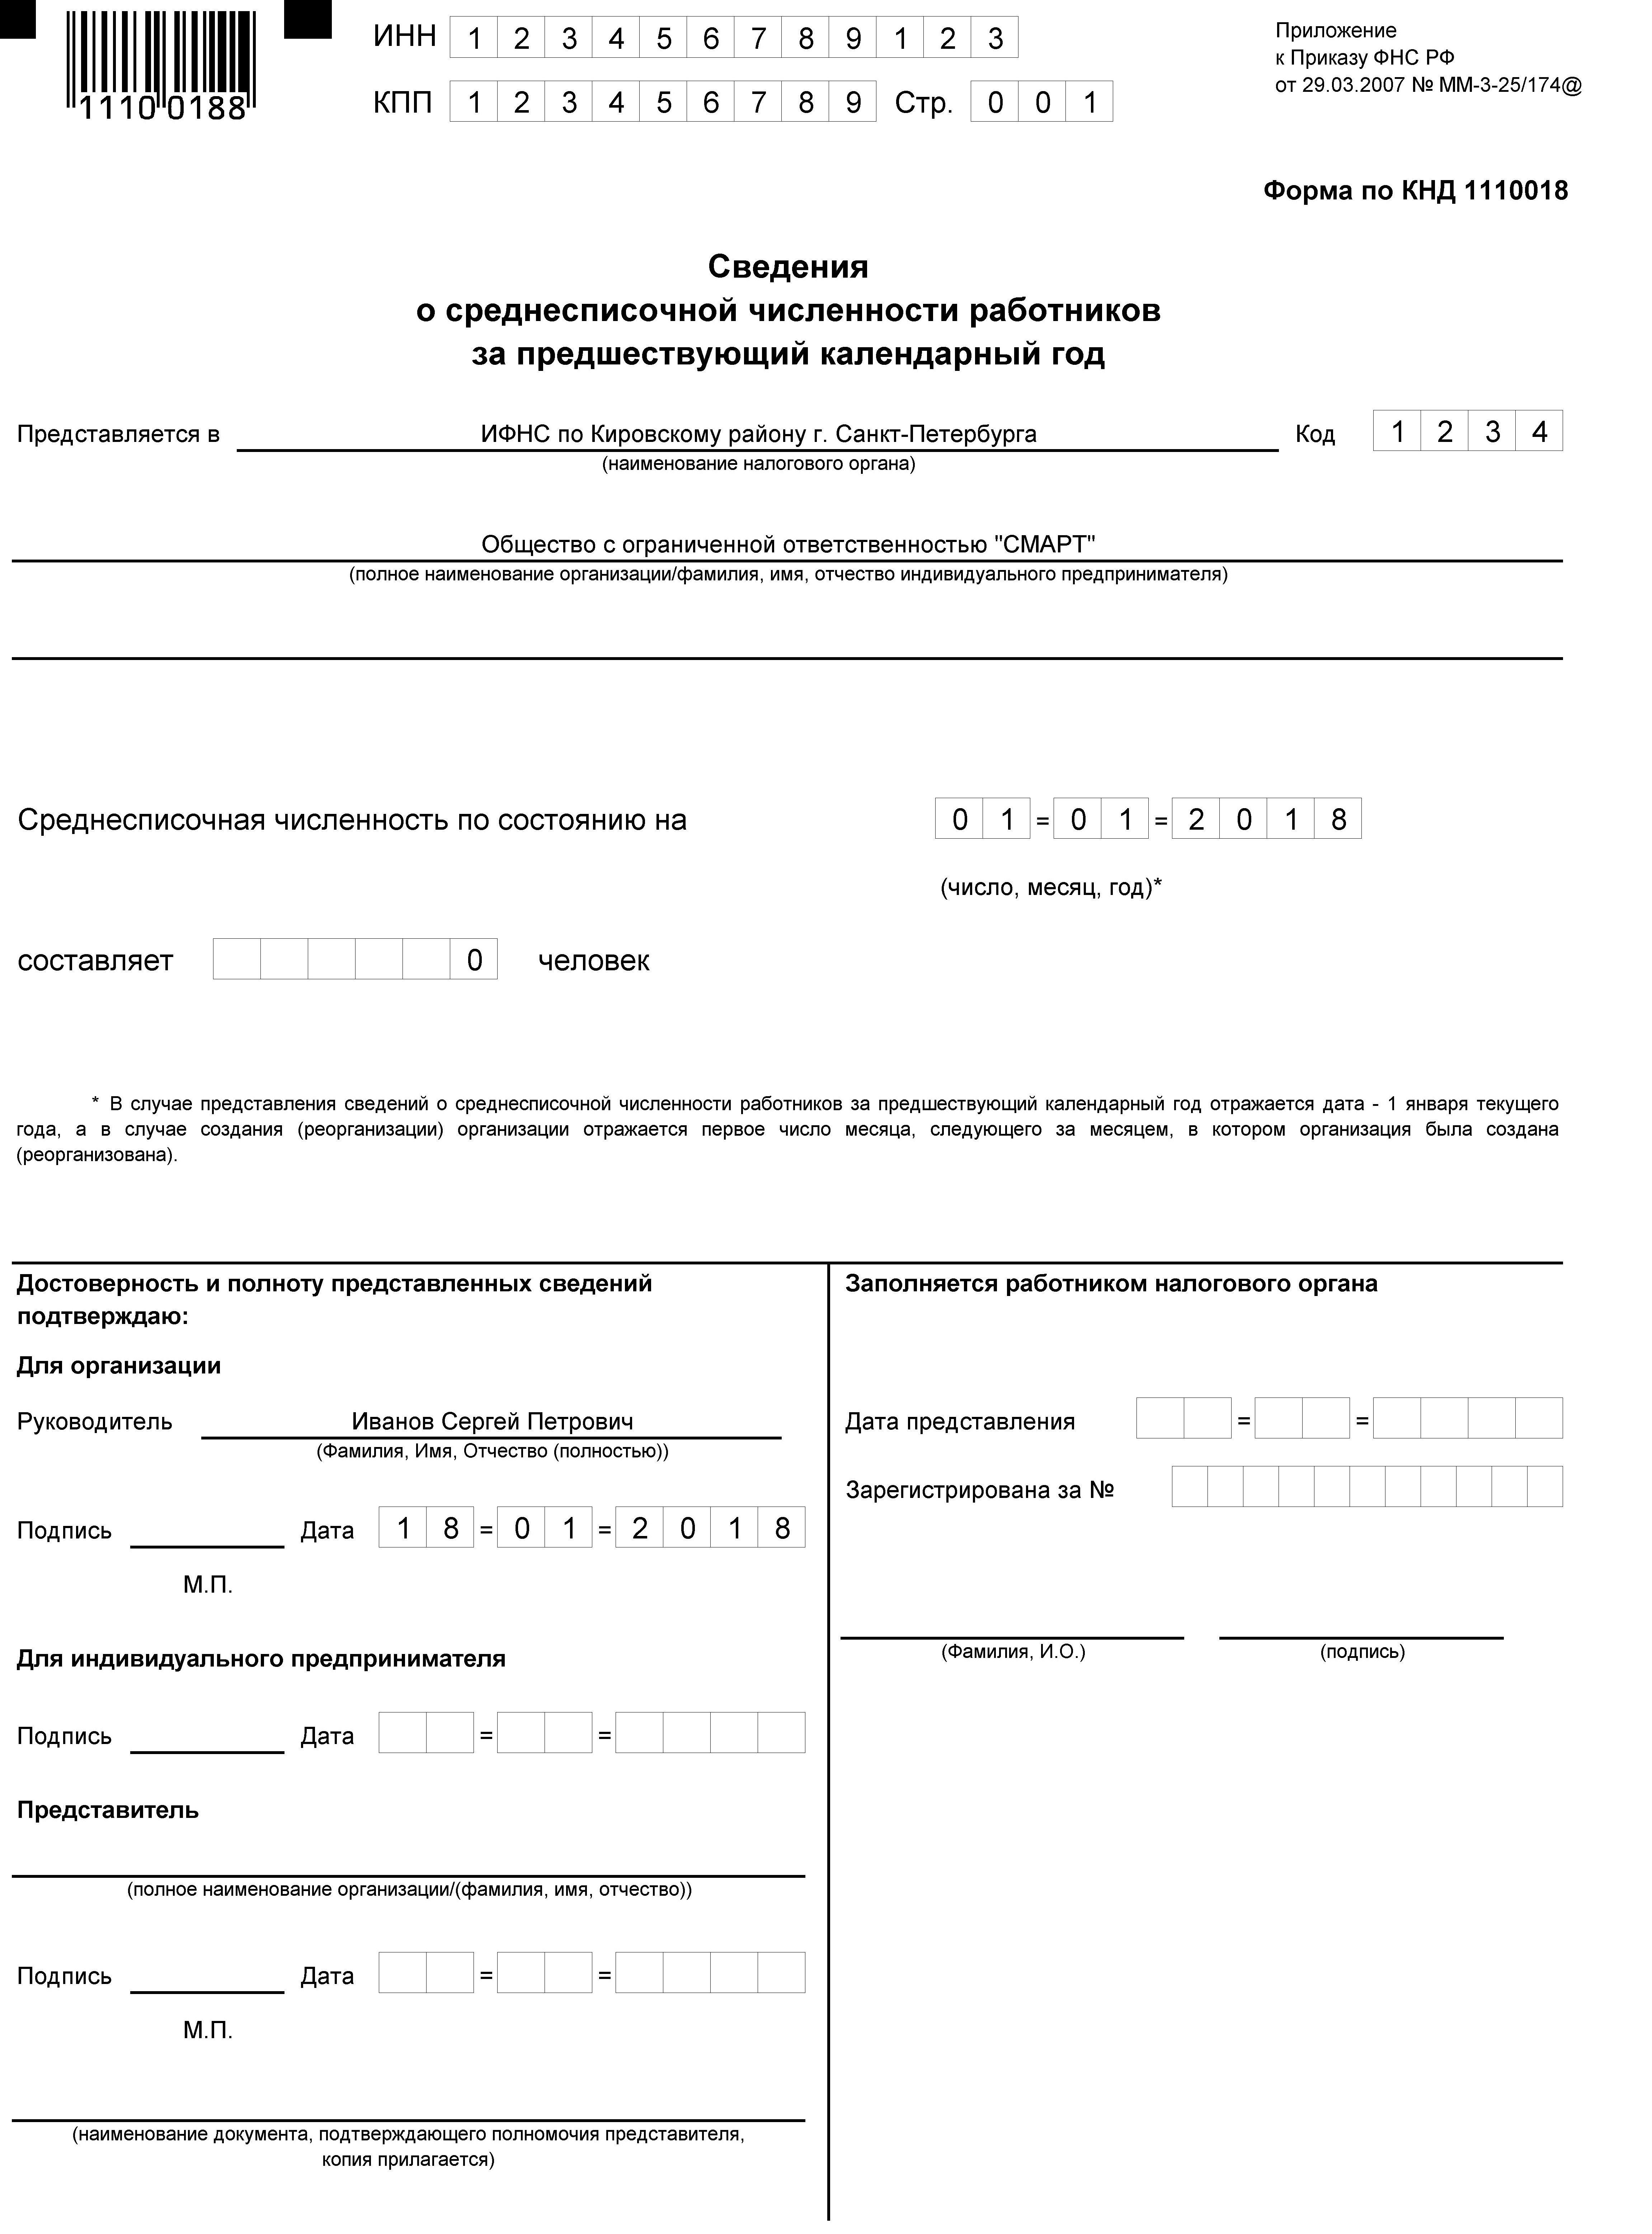 После регистрации ип подать среднесписочную численность после декларация 3 ндфл 2019 скачать бесплатно программу официальный сайт